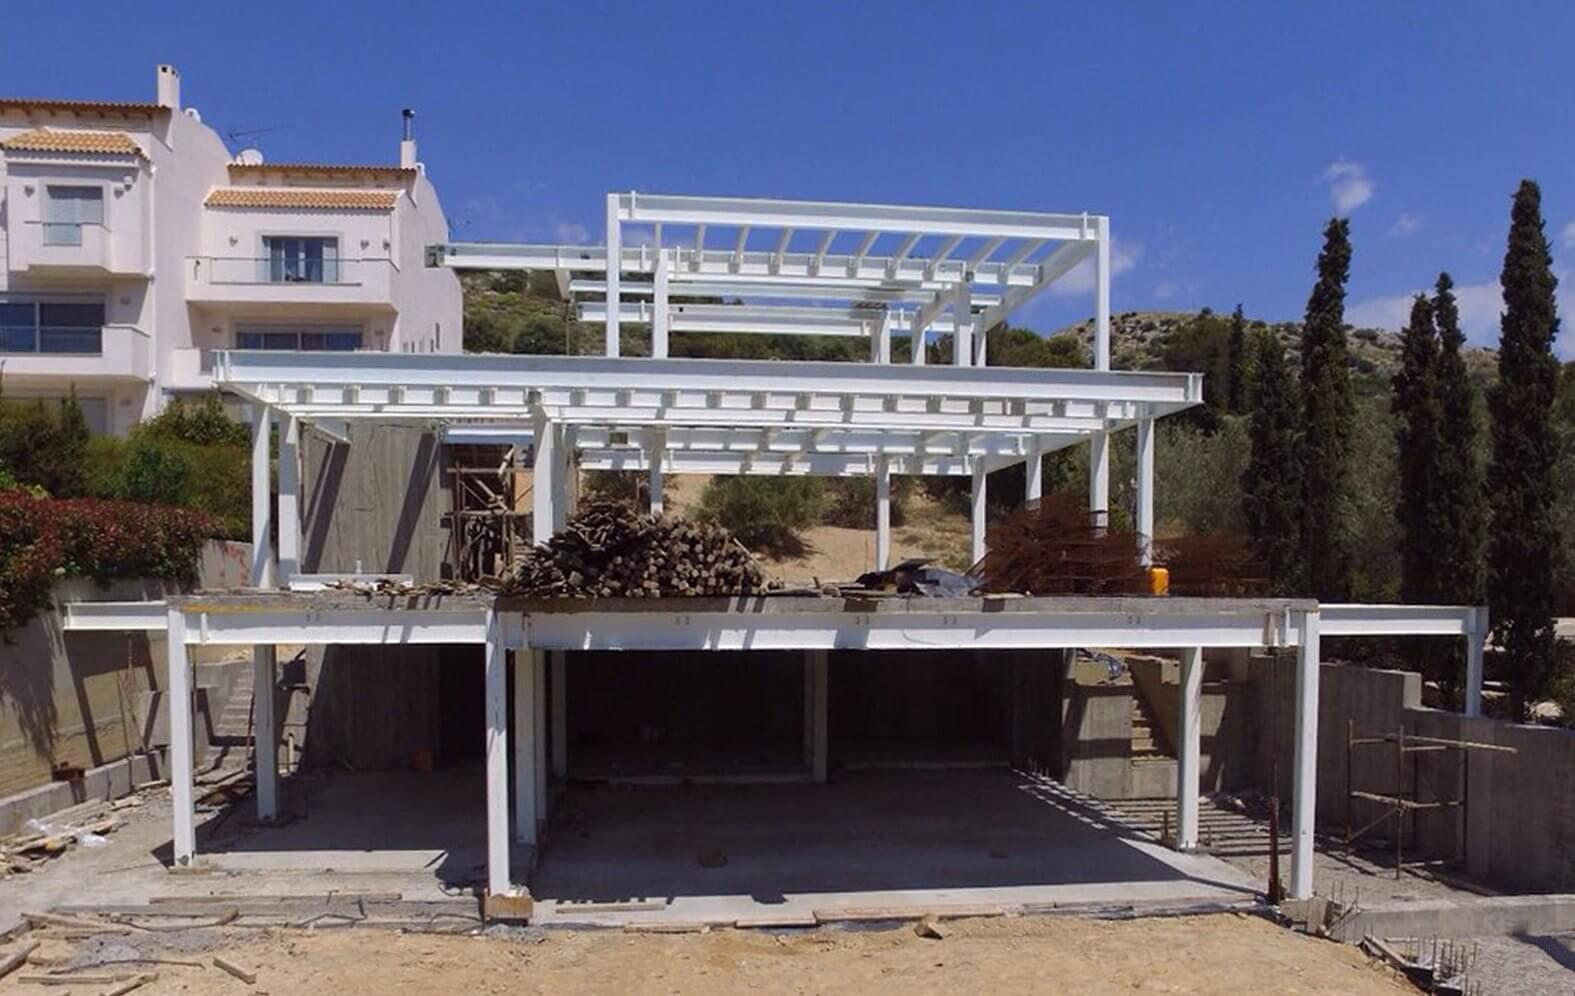 Αρχιτεκτονική Μελέτη Μεταλλικών Κτιρίων - Στέφανος Βασδέκης